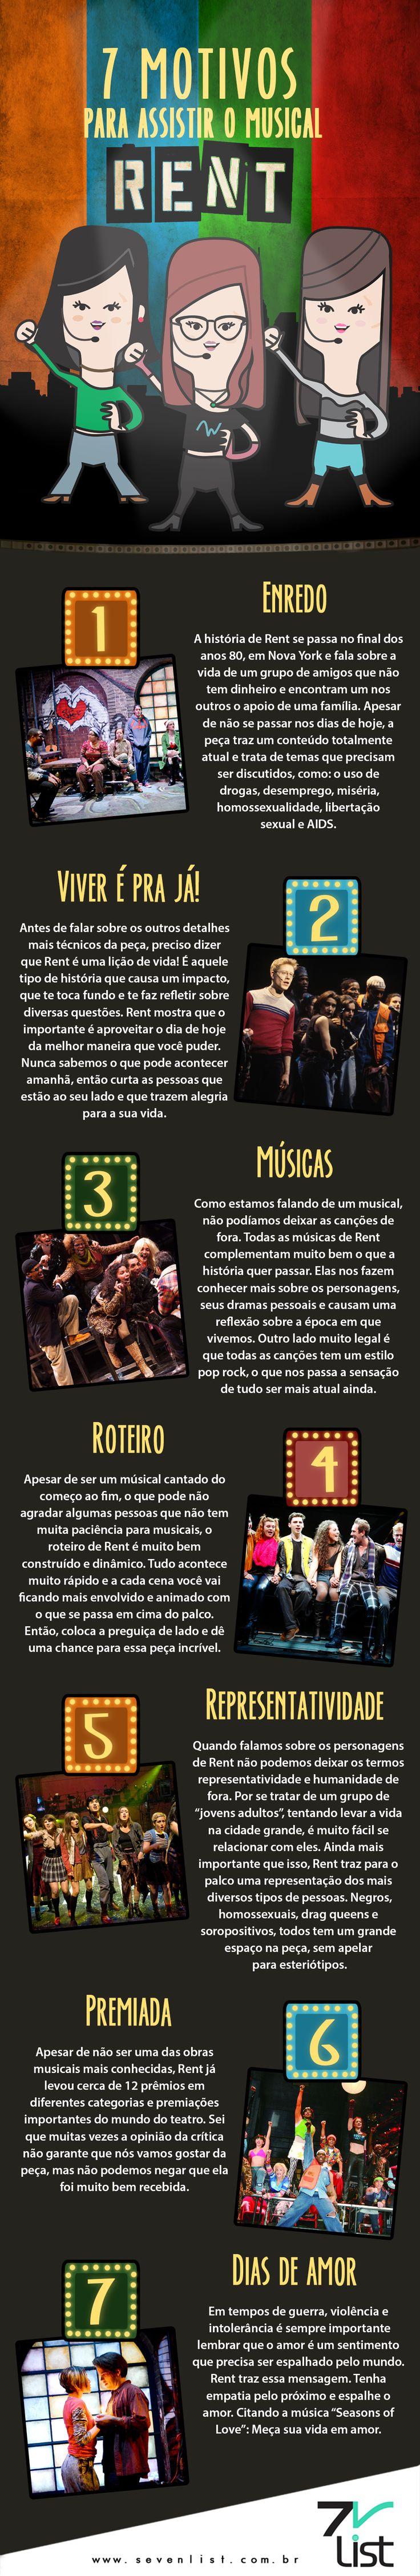 Gosta de musicais? E de teatro? Se você adora tudo isso, então não pode perder a lista de hoje. Confira 7 motivos para assistir o musical Rent, que está em cartaz em São Paulo. #SevenList #List #Lista #Infográfico #Infographic #Ilustração #Design #Musicais #Teatro #SãoPaulo #Rent #MusicalRent #Enredo #Músicas #Roteiro #Representatividade #Amor #Drama #História #TeatroMusical